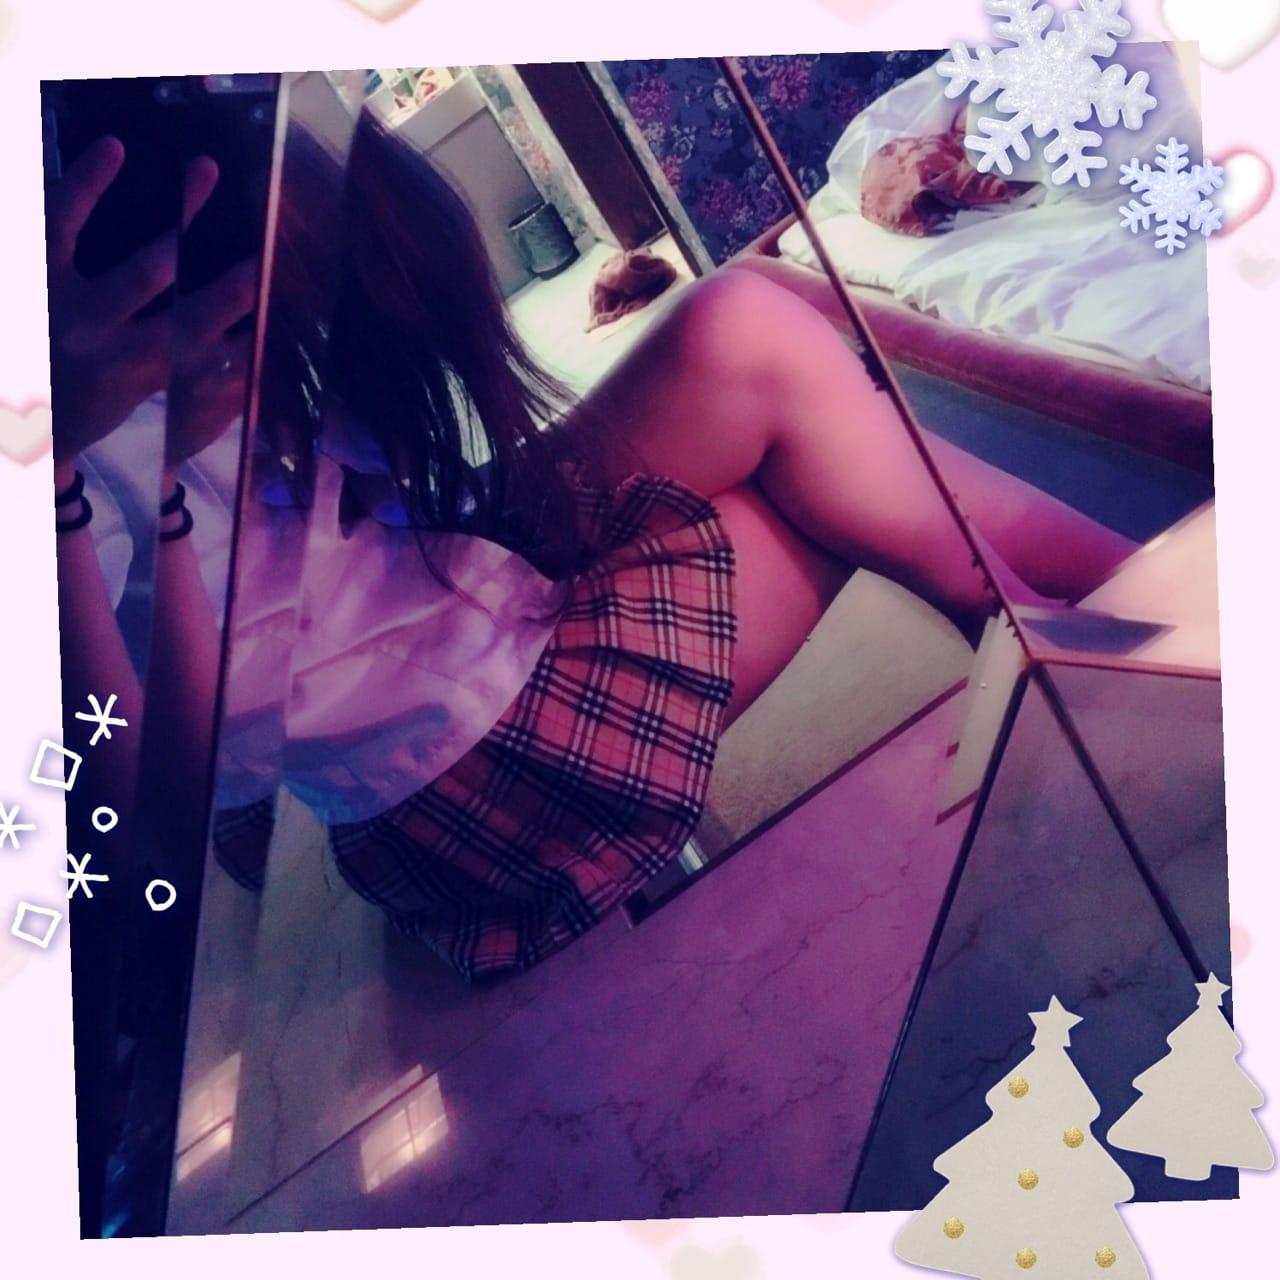 らん☆F乳くびれ無敵未経験♪「*」12/17(日) 17:26   らん☆F乳くびれ無敵未経験♪の写メ・風俗動画